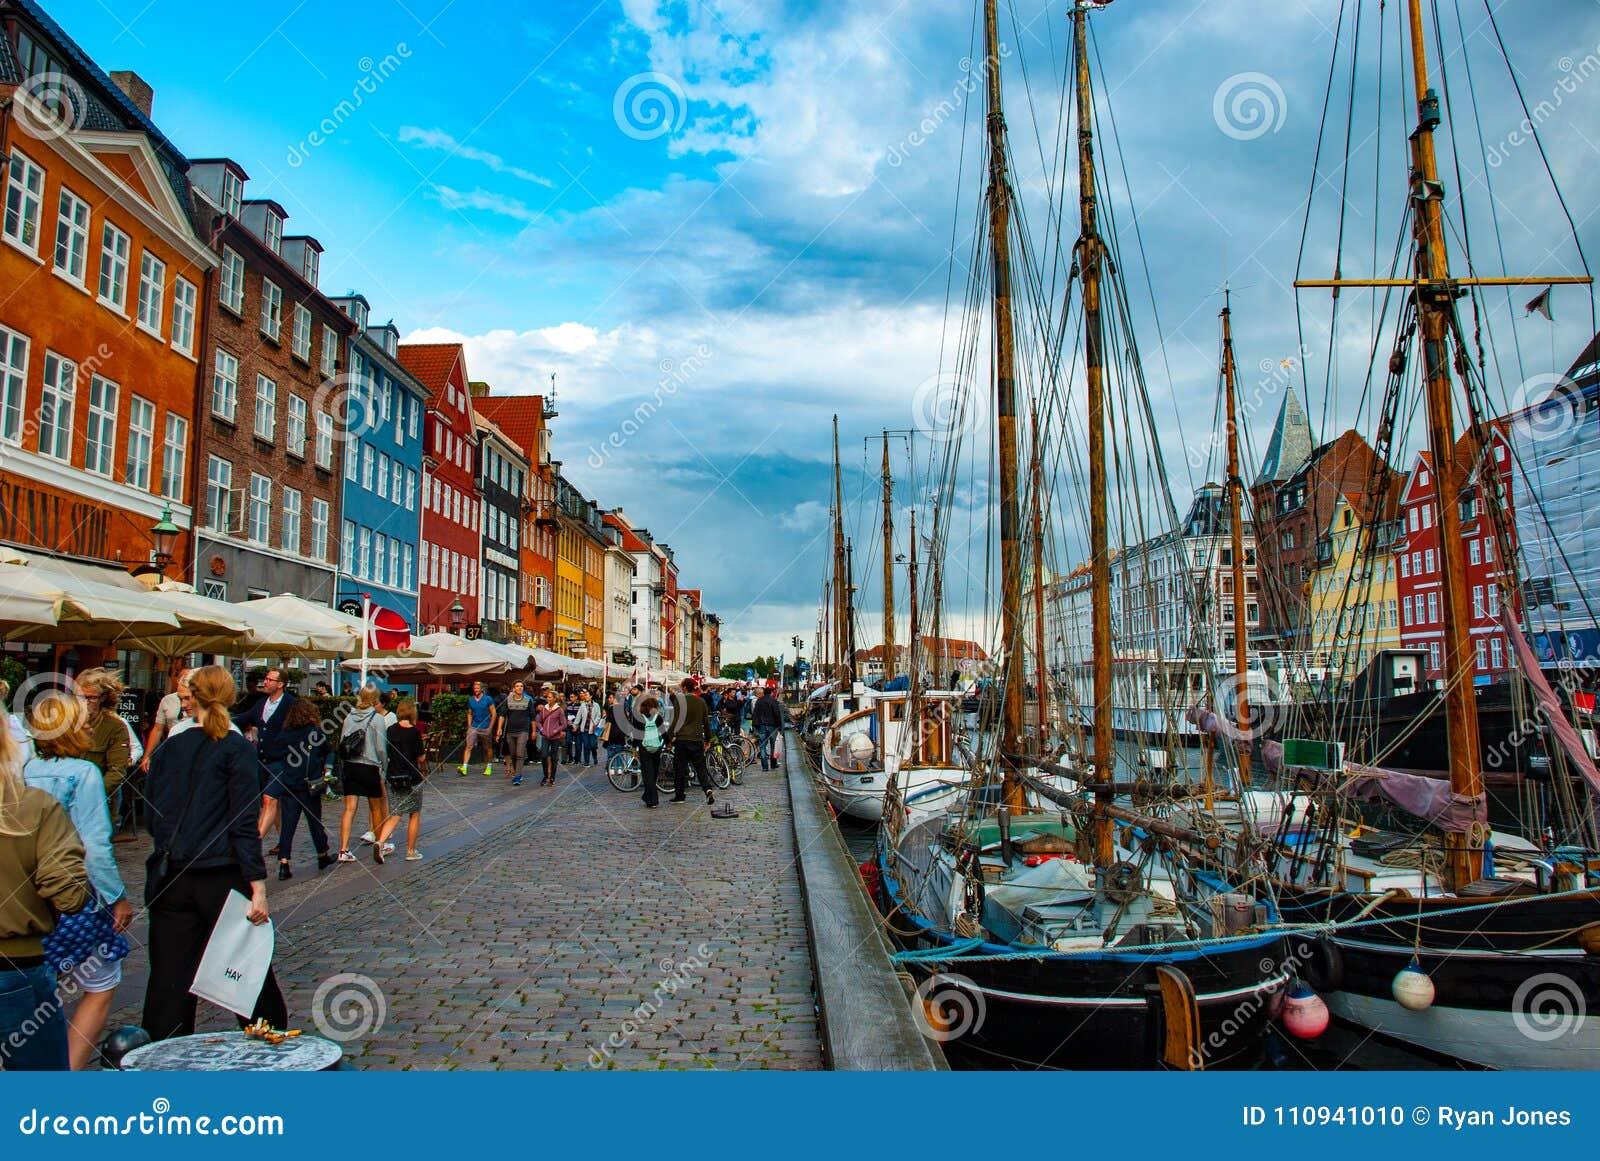 Antyków statki w Nyhavn, Kopenhaga, DK podczas gdy turyści podziwiają okręgu